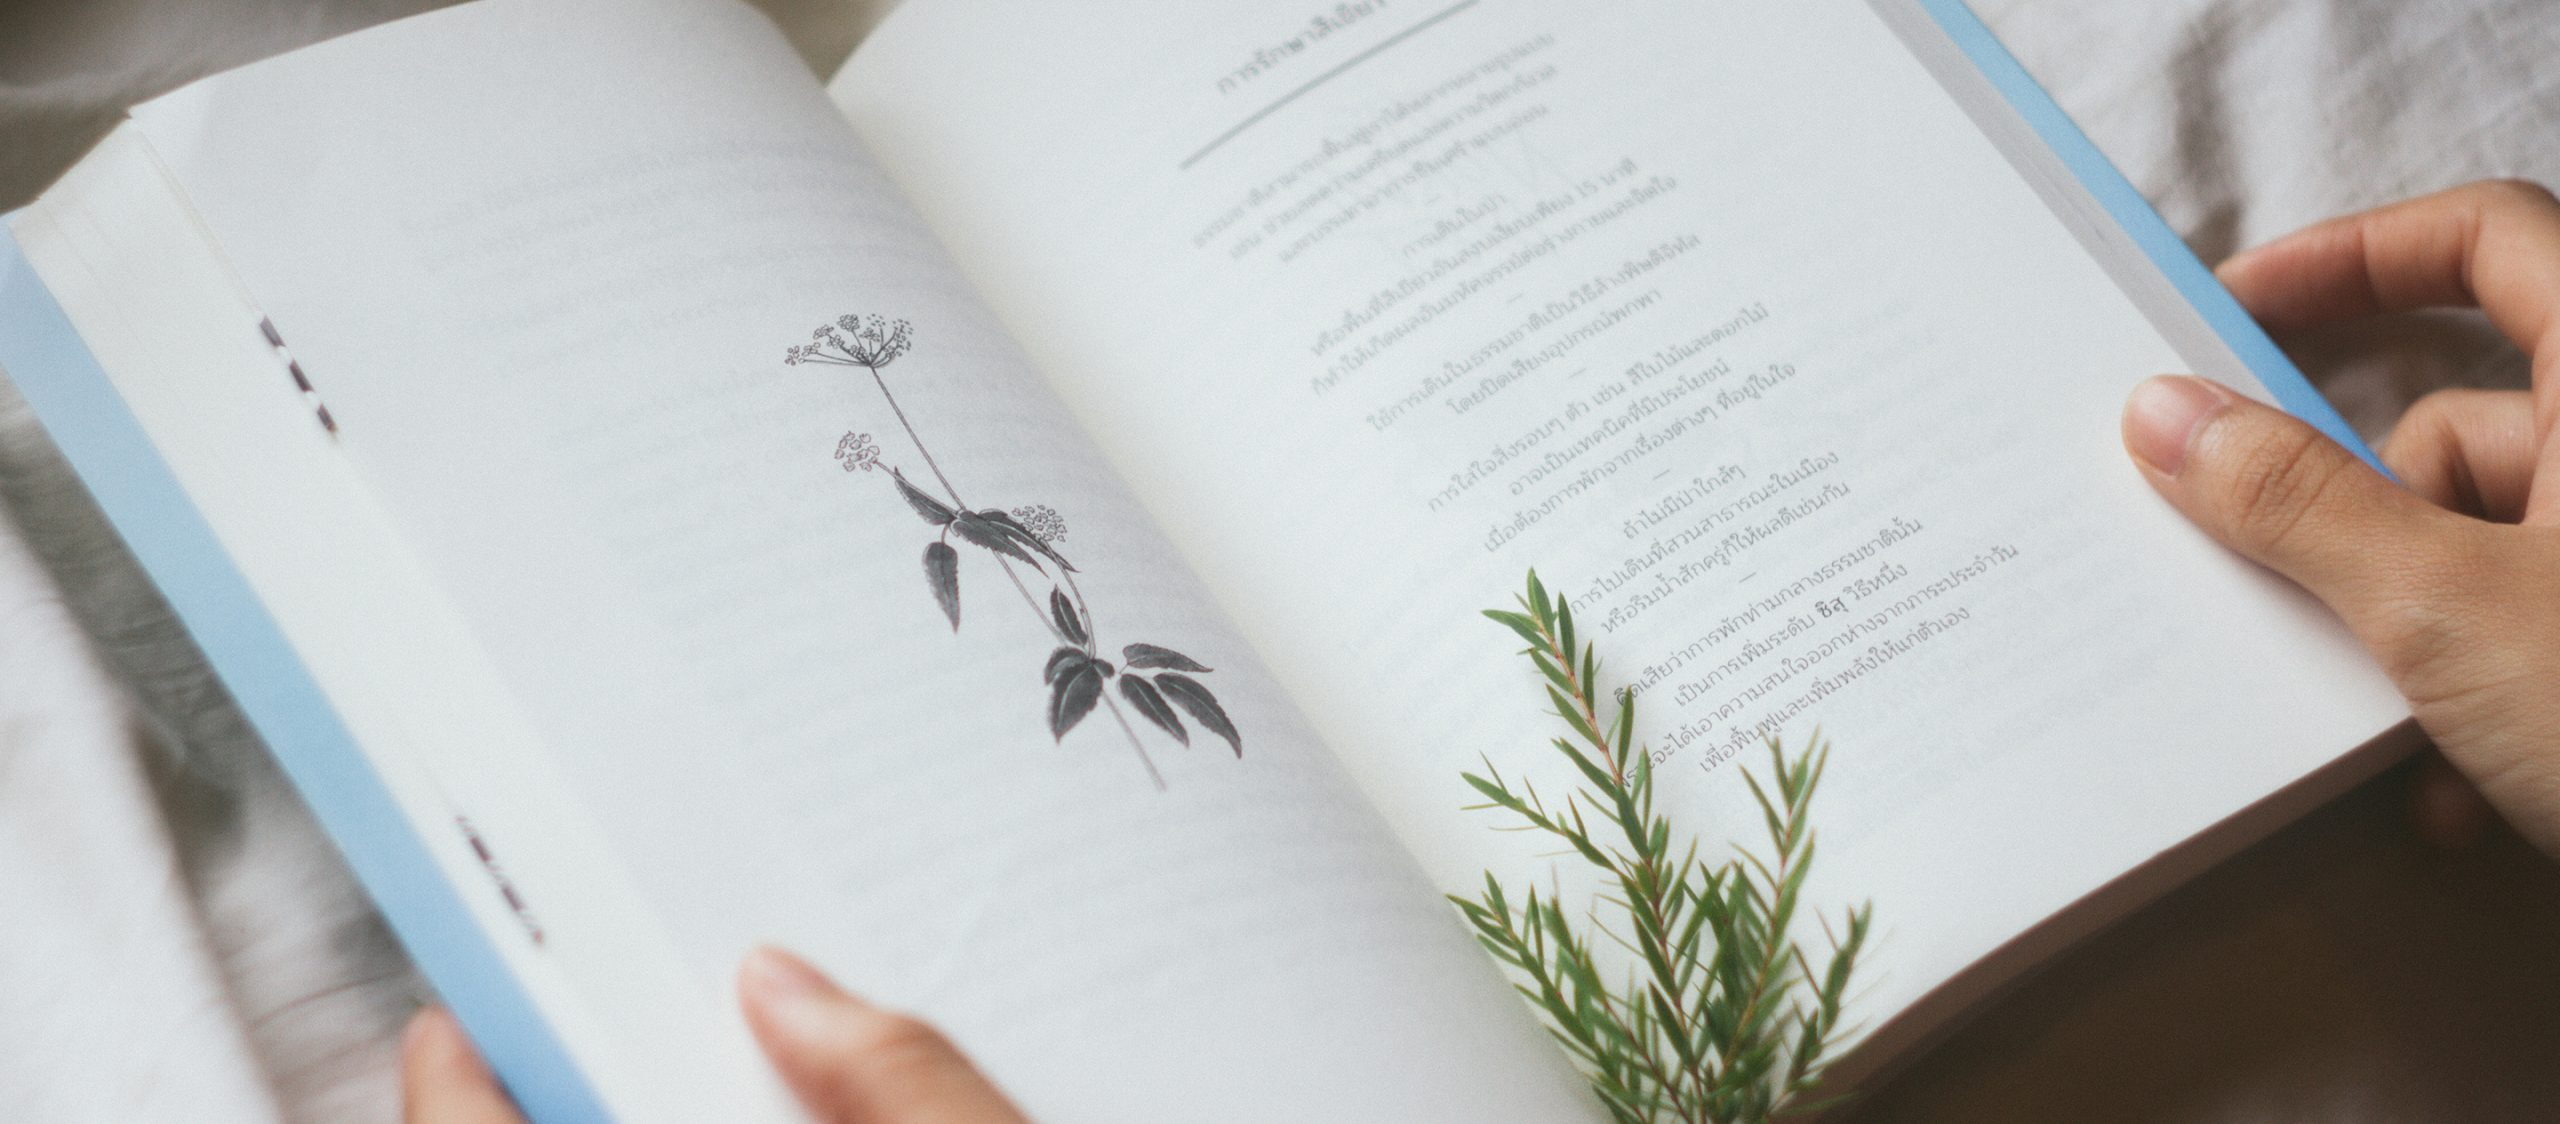 Finding Sisu : หนังสือที่บอกว่าความสุขมาจากเรื่องยากๆ ในชีวิต